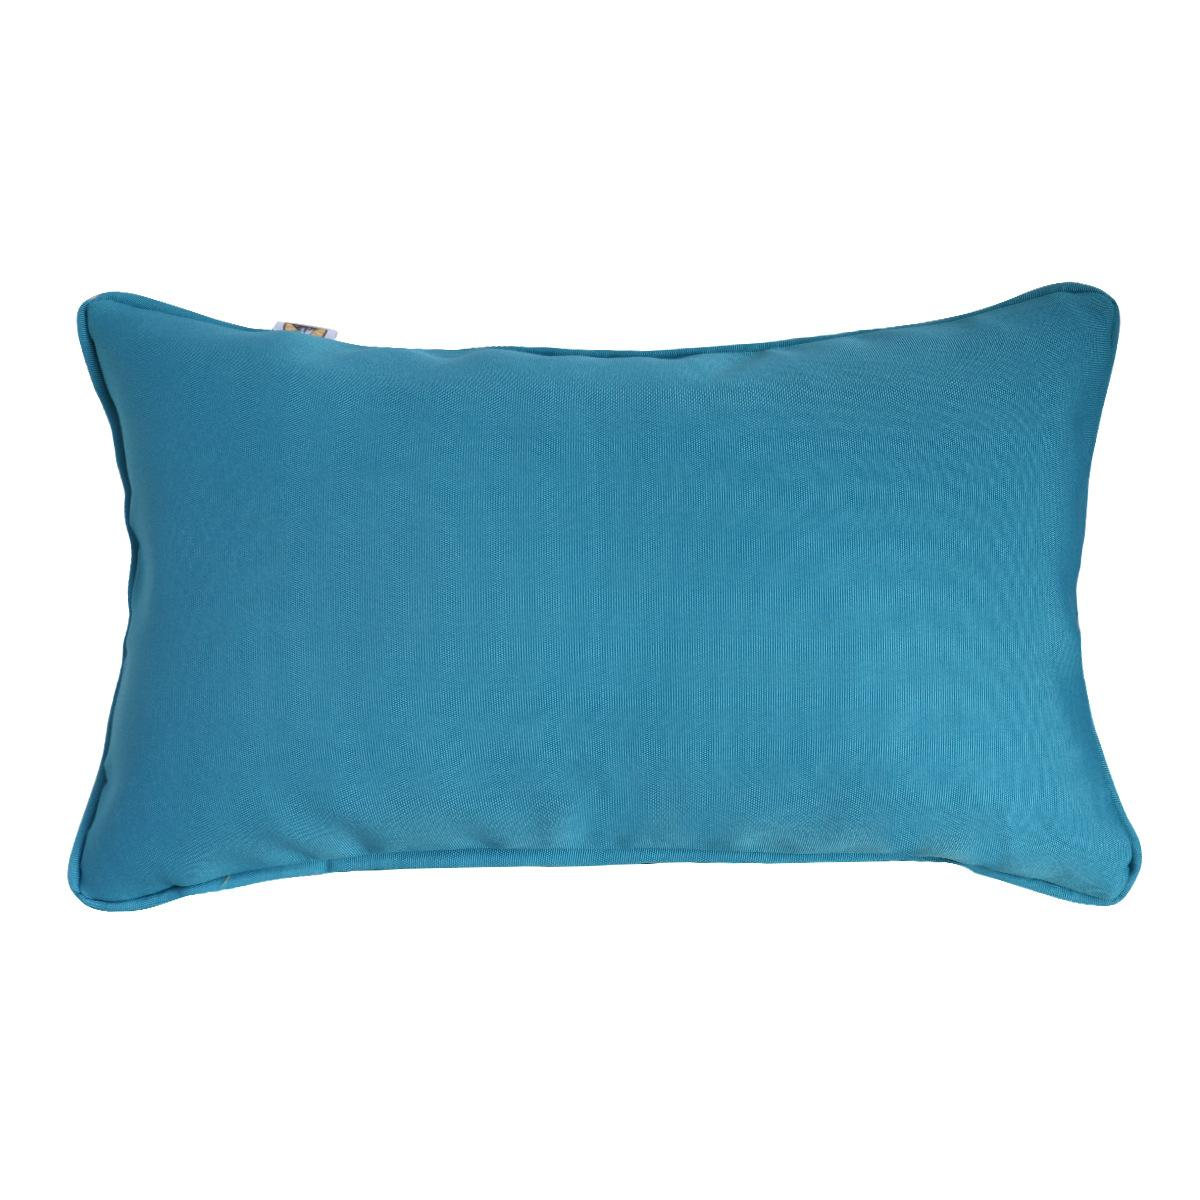 X269 Küçük Taze Kucaklama Yastık Dikey Şerit Süet Yastık Örtüsü Ev Eşyaları Hug Yastık Kılıfı Katı Renk Yastık ASDF Kapakları